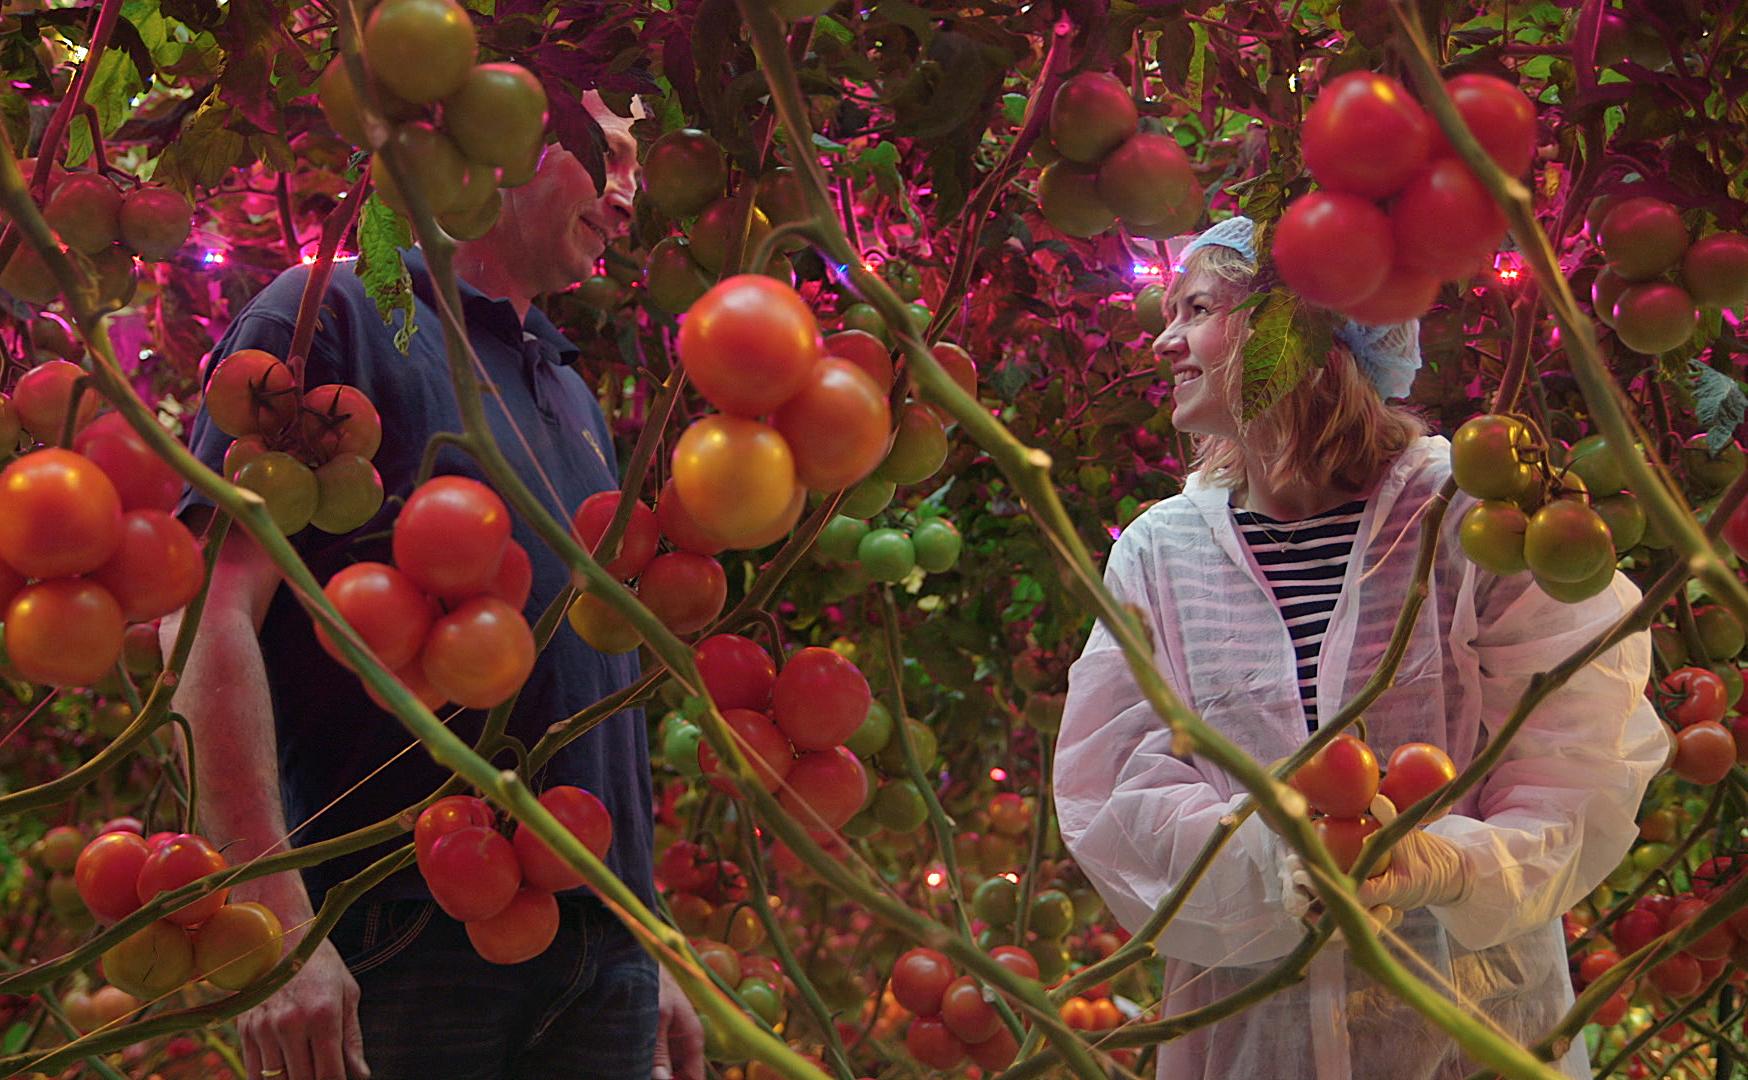 Marijn Frank van Keuringsdienst op zoek naar de toekomst van de tomaat